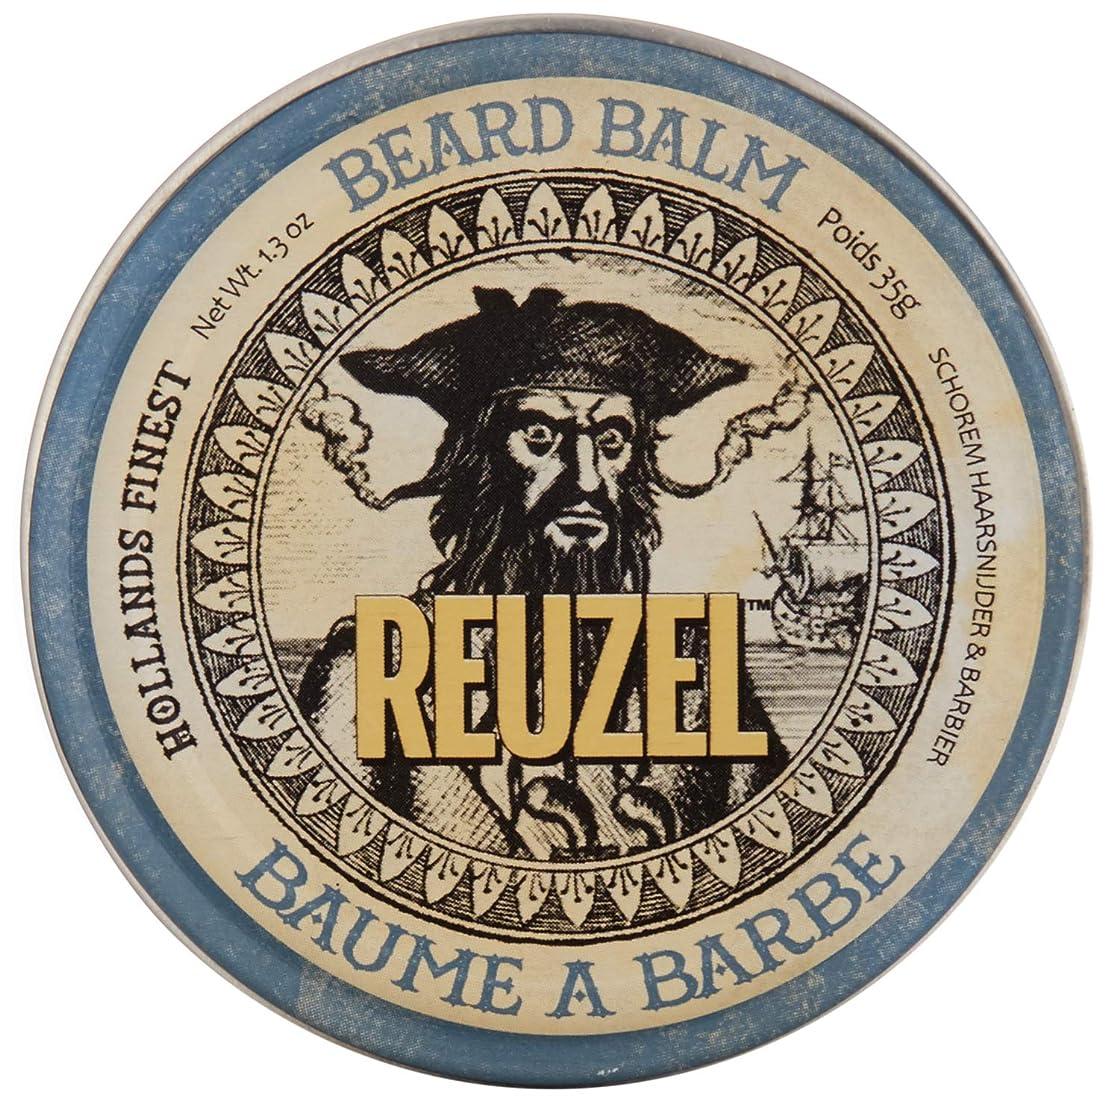 トランクおかしいかもめreuzel BEARD BALM 1.3 oz by REUZEL